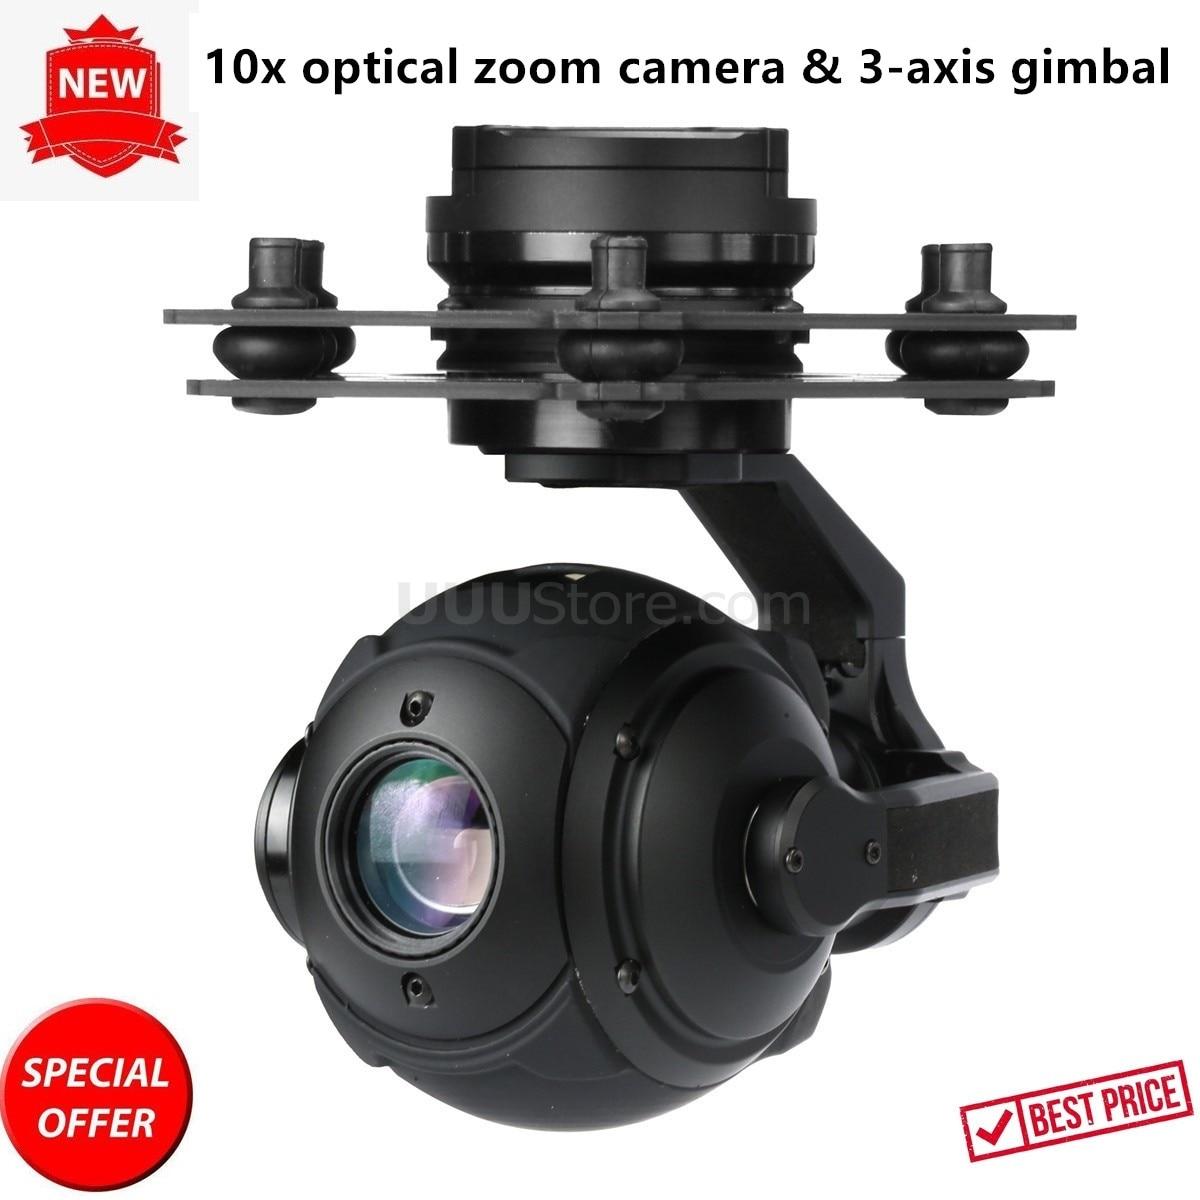 T10X-Pro FPV sphérique 10x zoom optique 1/3 CMOS caméra avec 3 axes cardan mise à niveau de Tarot PEEPER T10X